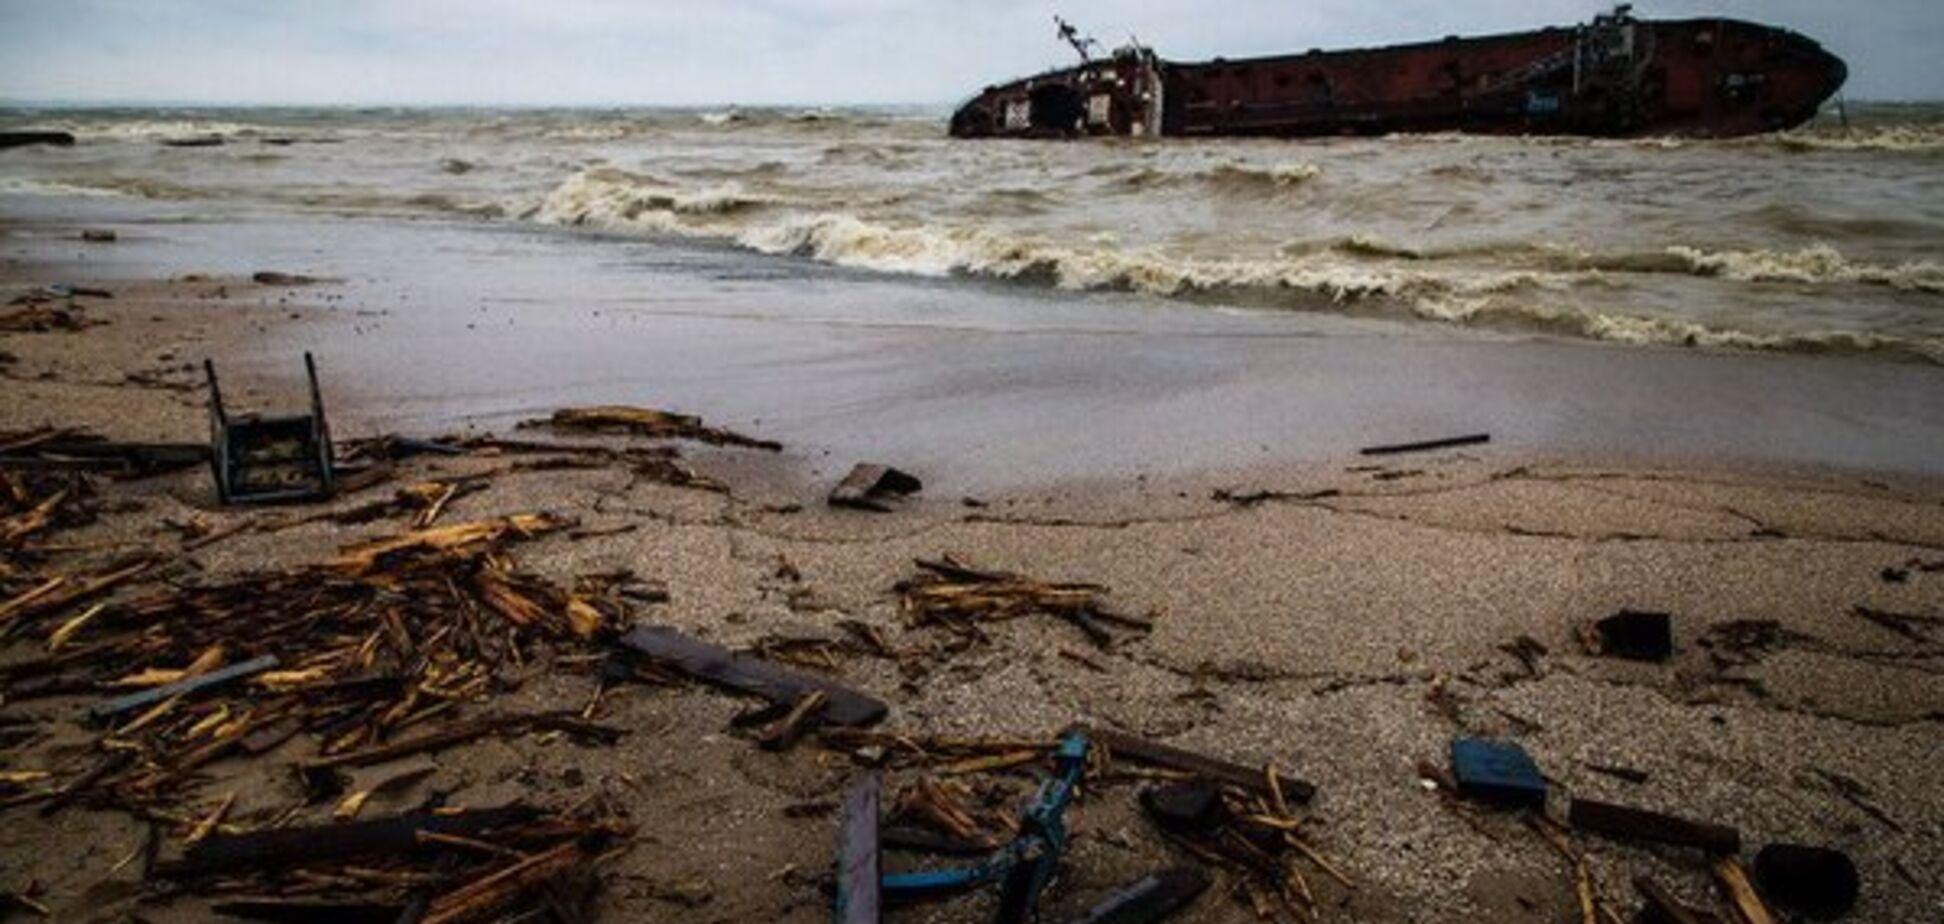 Кораблетроща танкера в Одесі: один моряк перебуває в лікарні